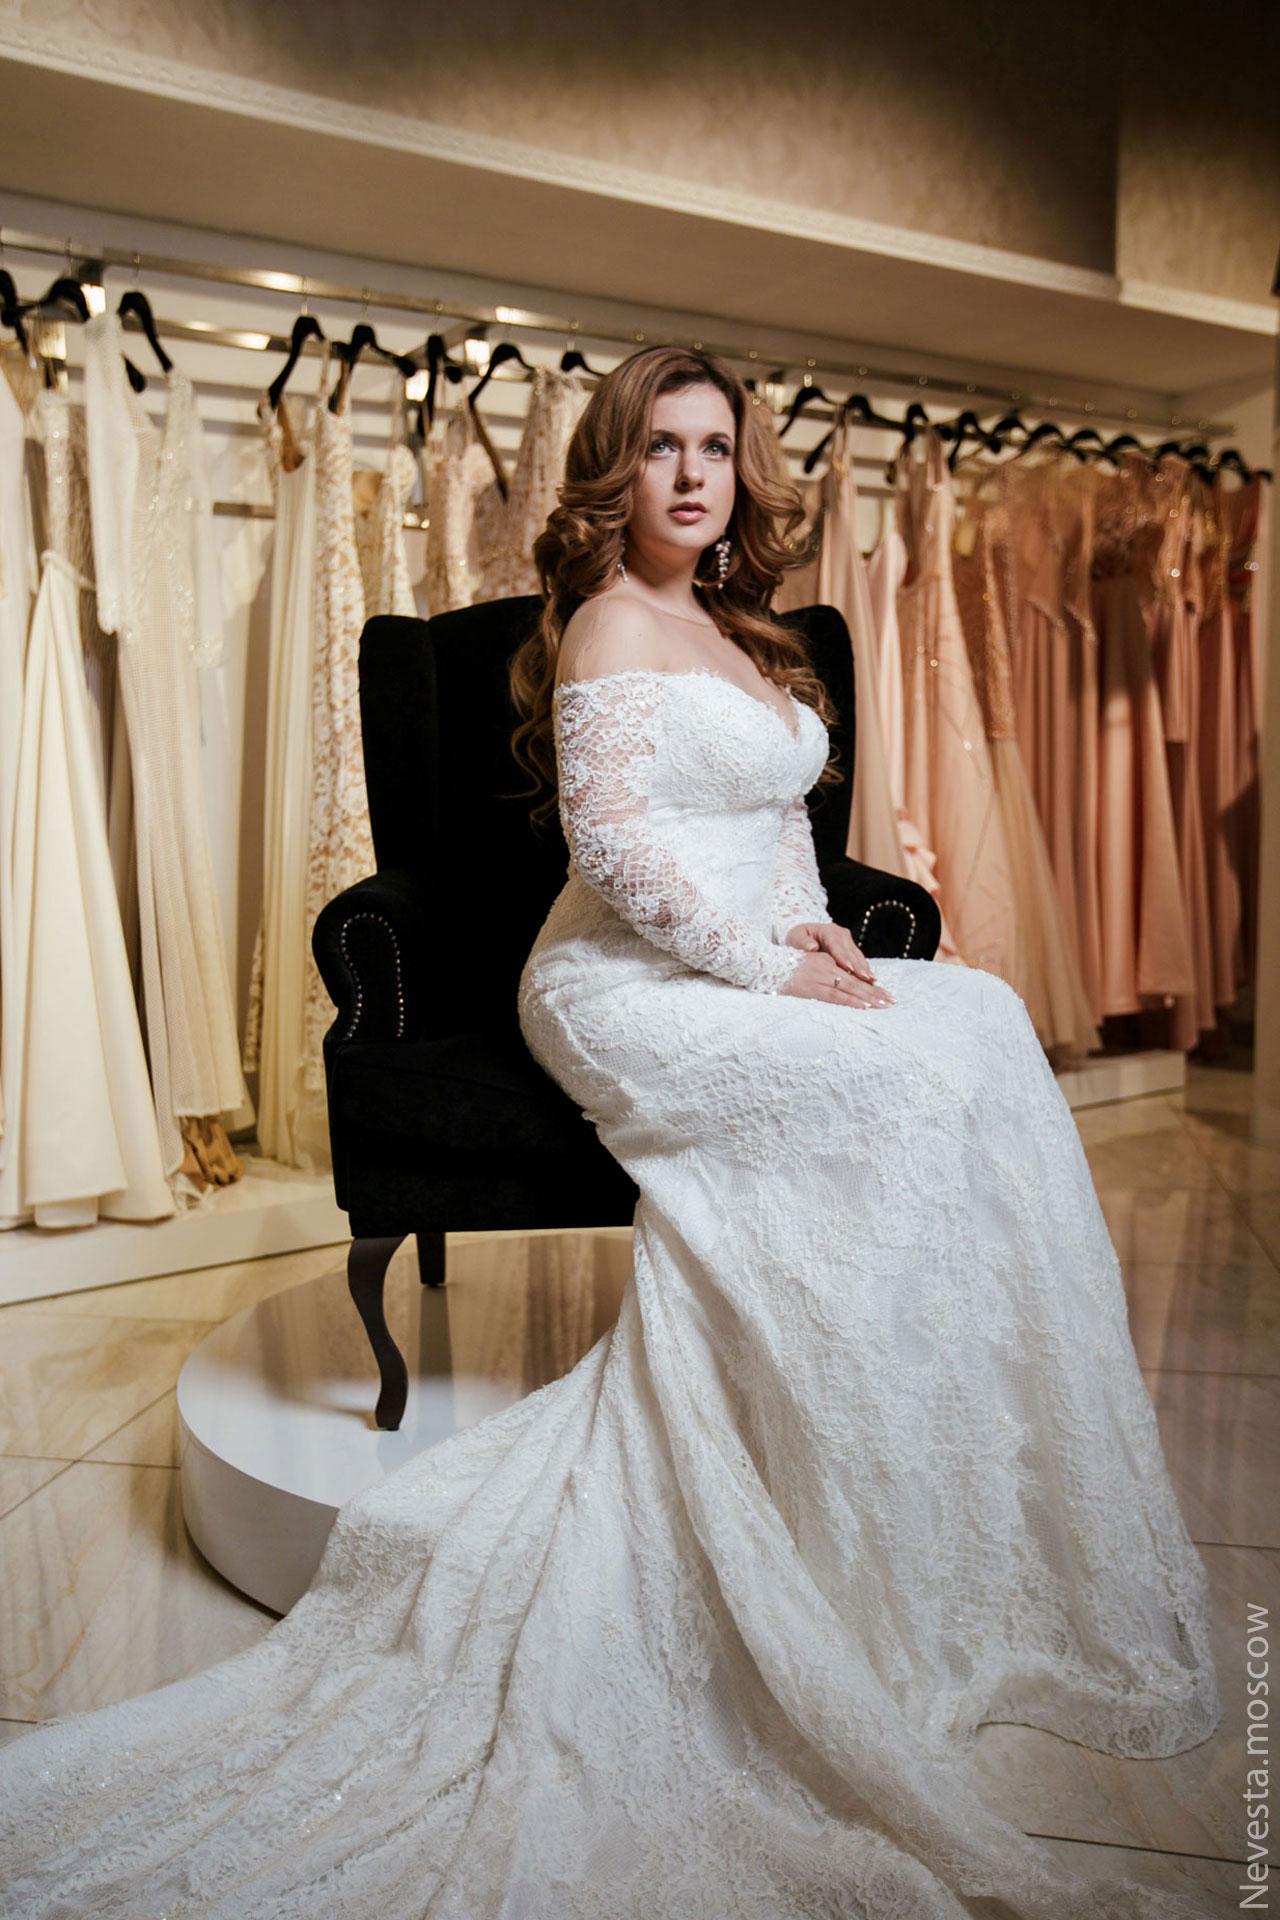 Анастасия Денисова выбирает образ для своей свадьбы фото 26